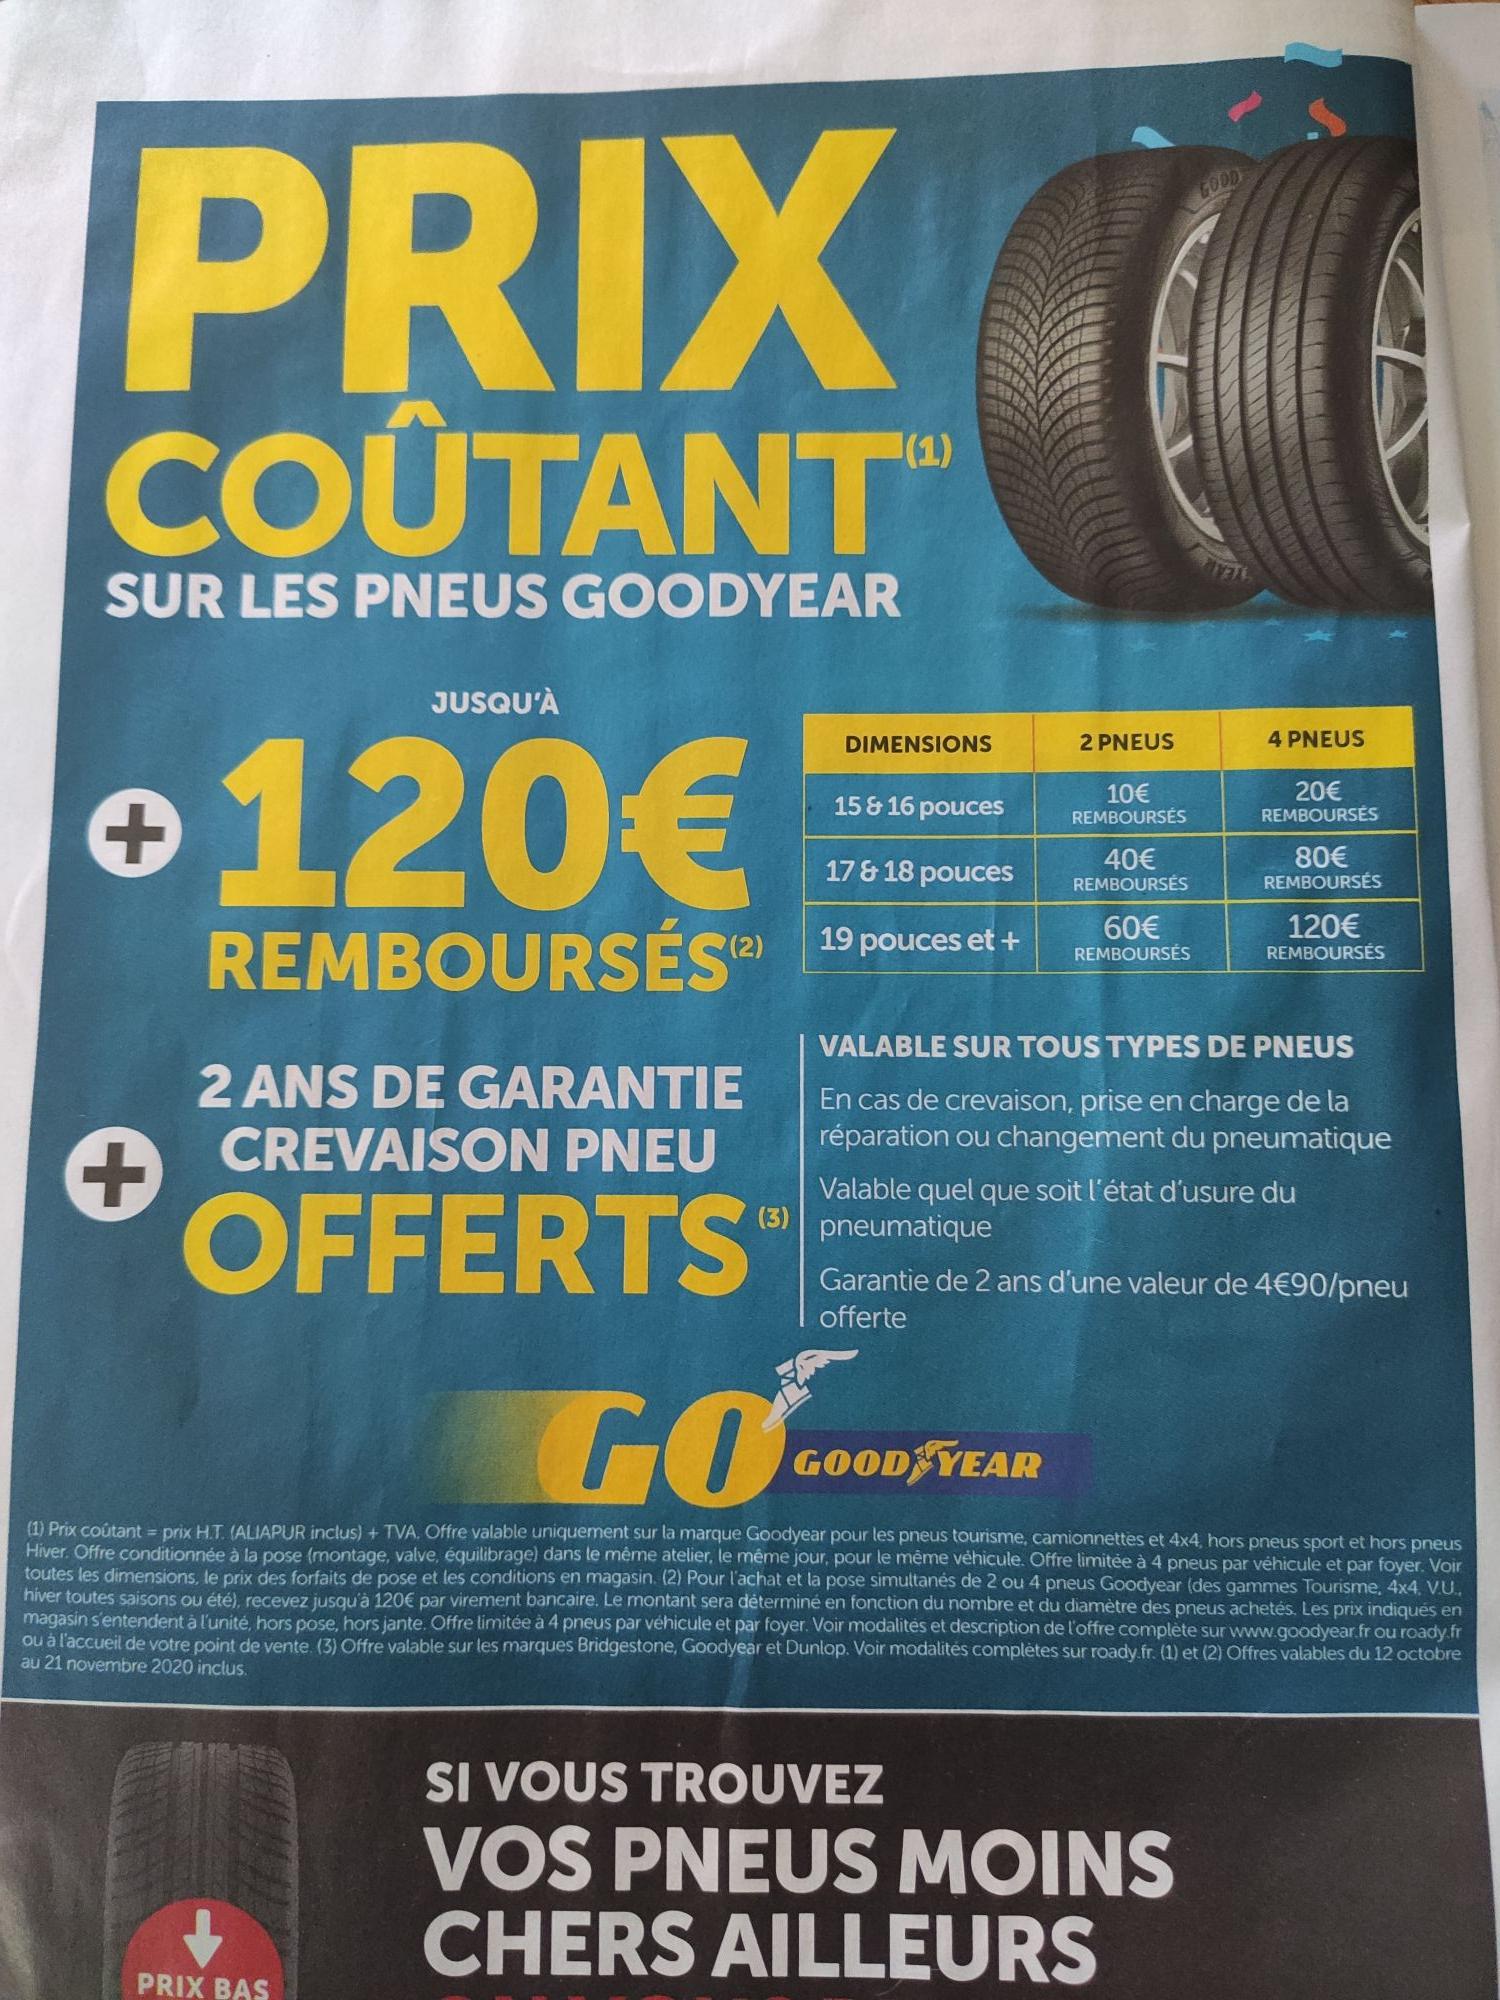 Prix coûtant sur les pneus Goodyear + garantie crevaison 2 ans + jusqu'à 120€ remboursés